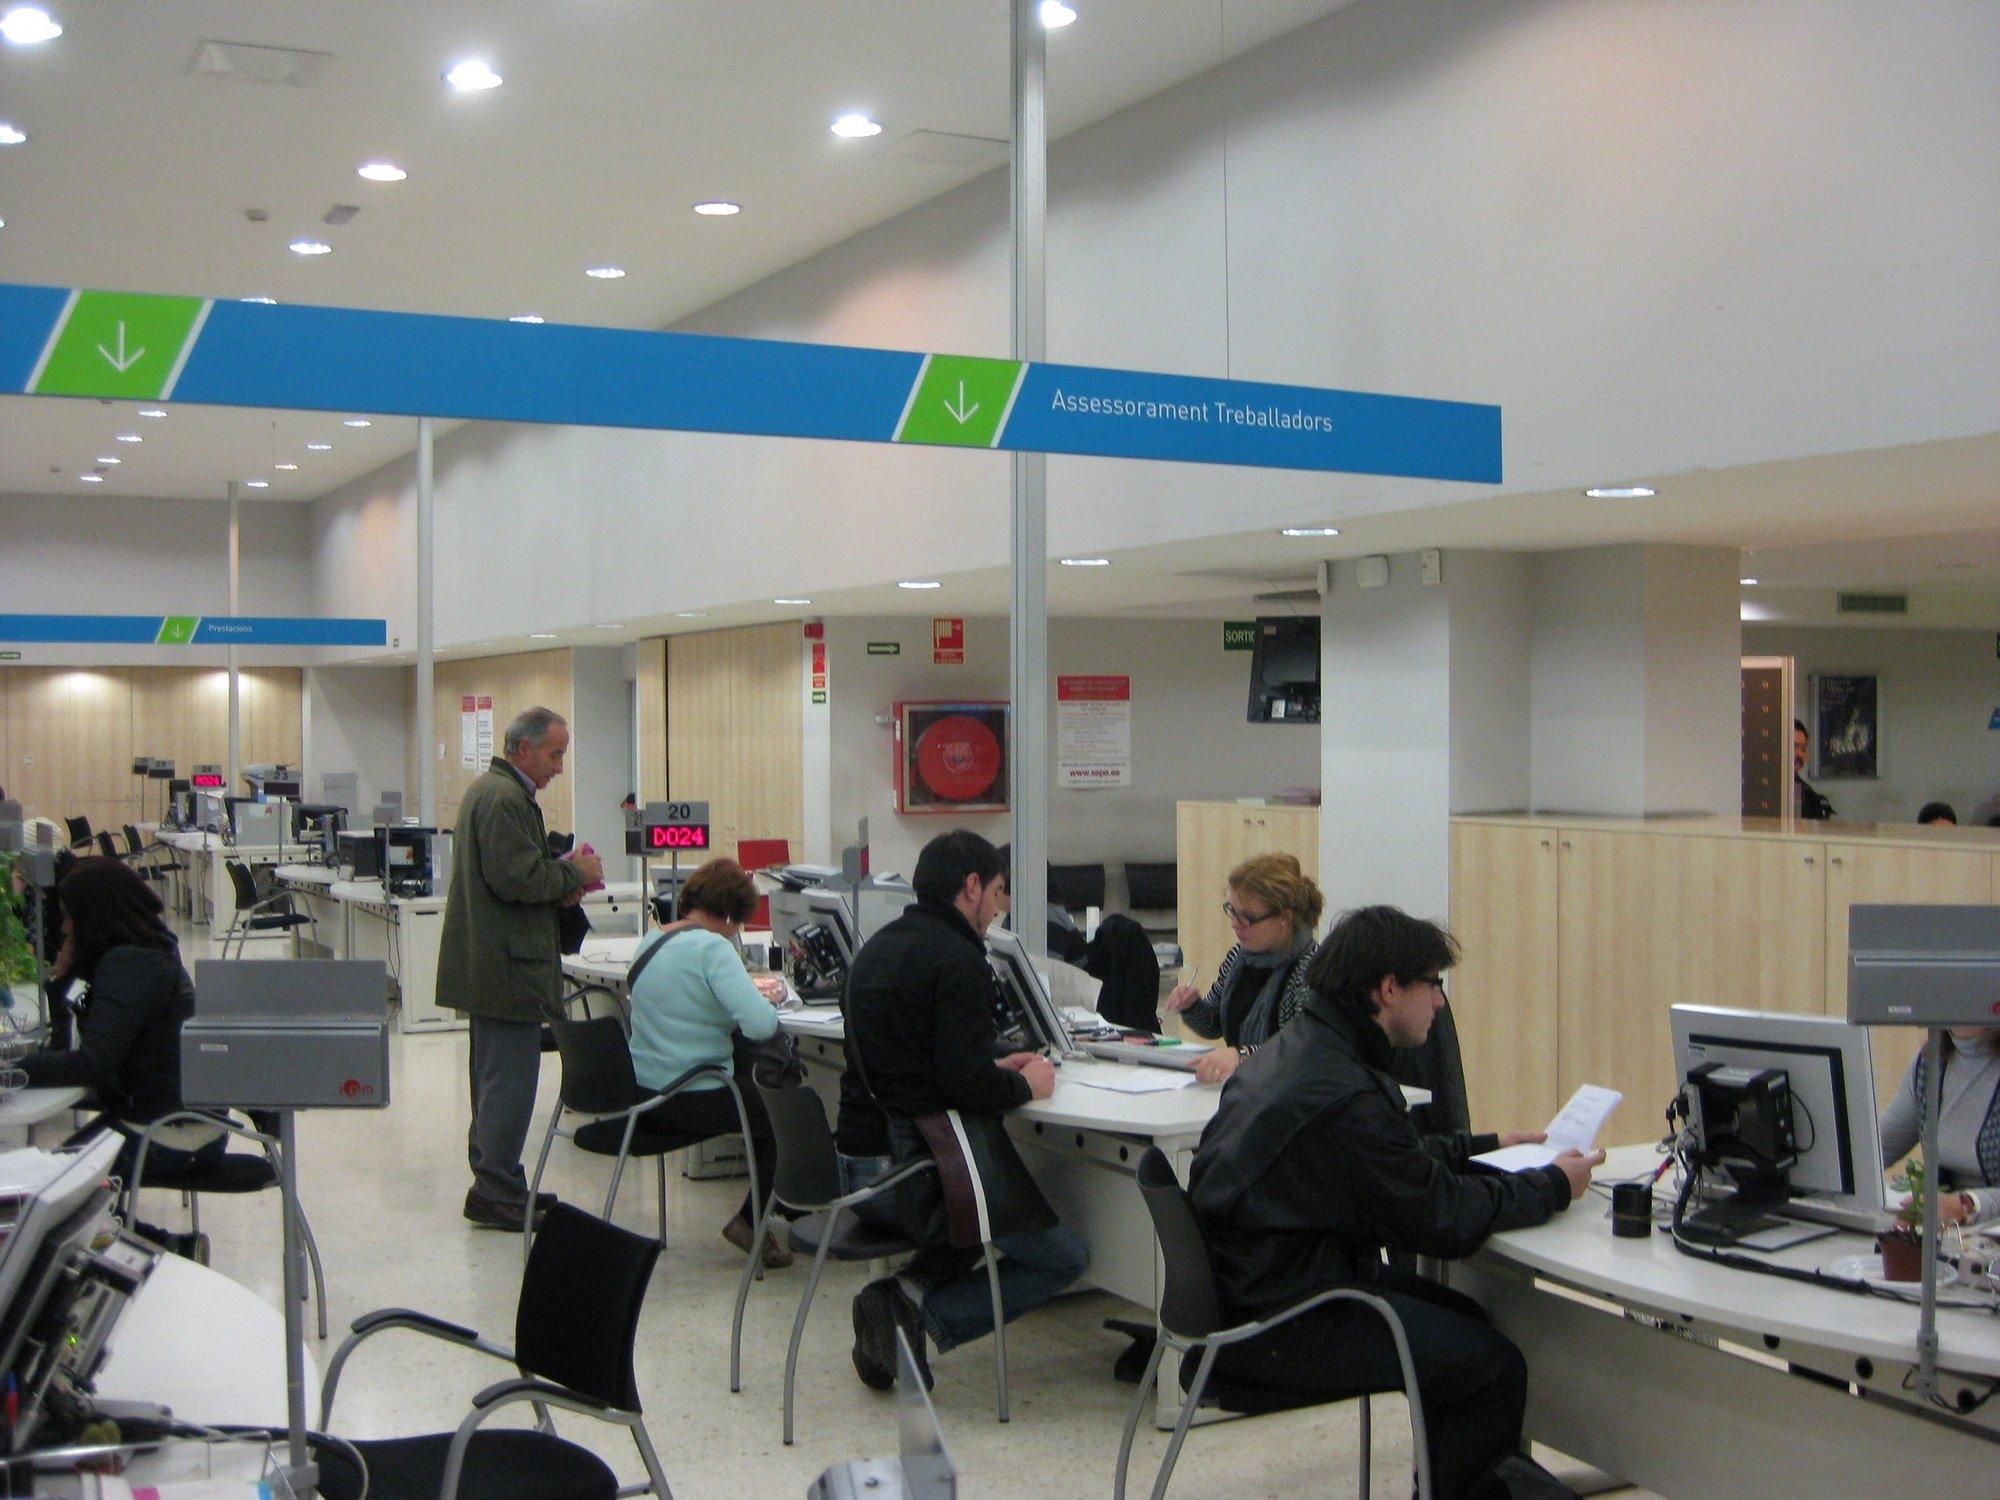 El Govern subvencionó con 108,3 millones a ayuntamientos y entidades para formación y planes de empleo en 2011